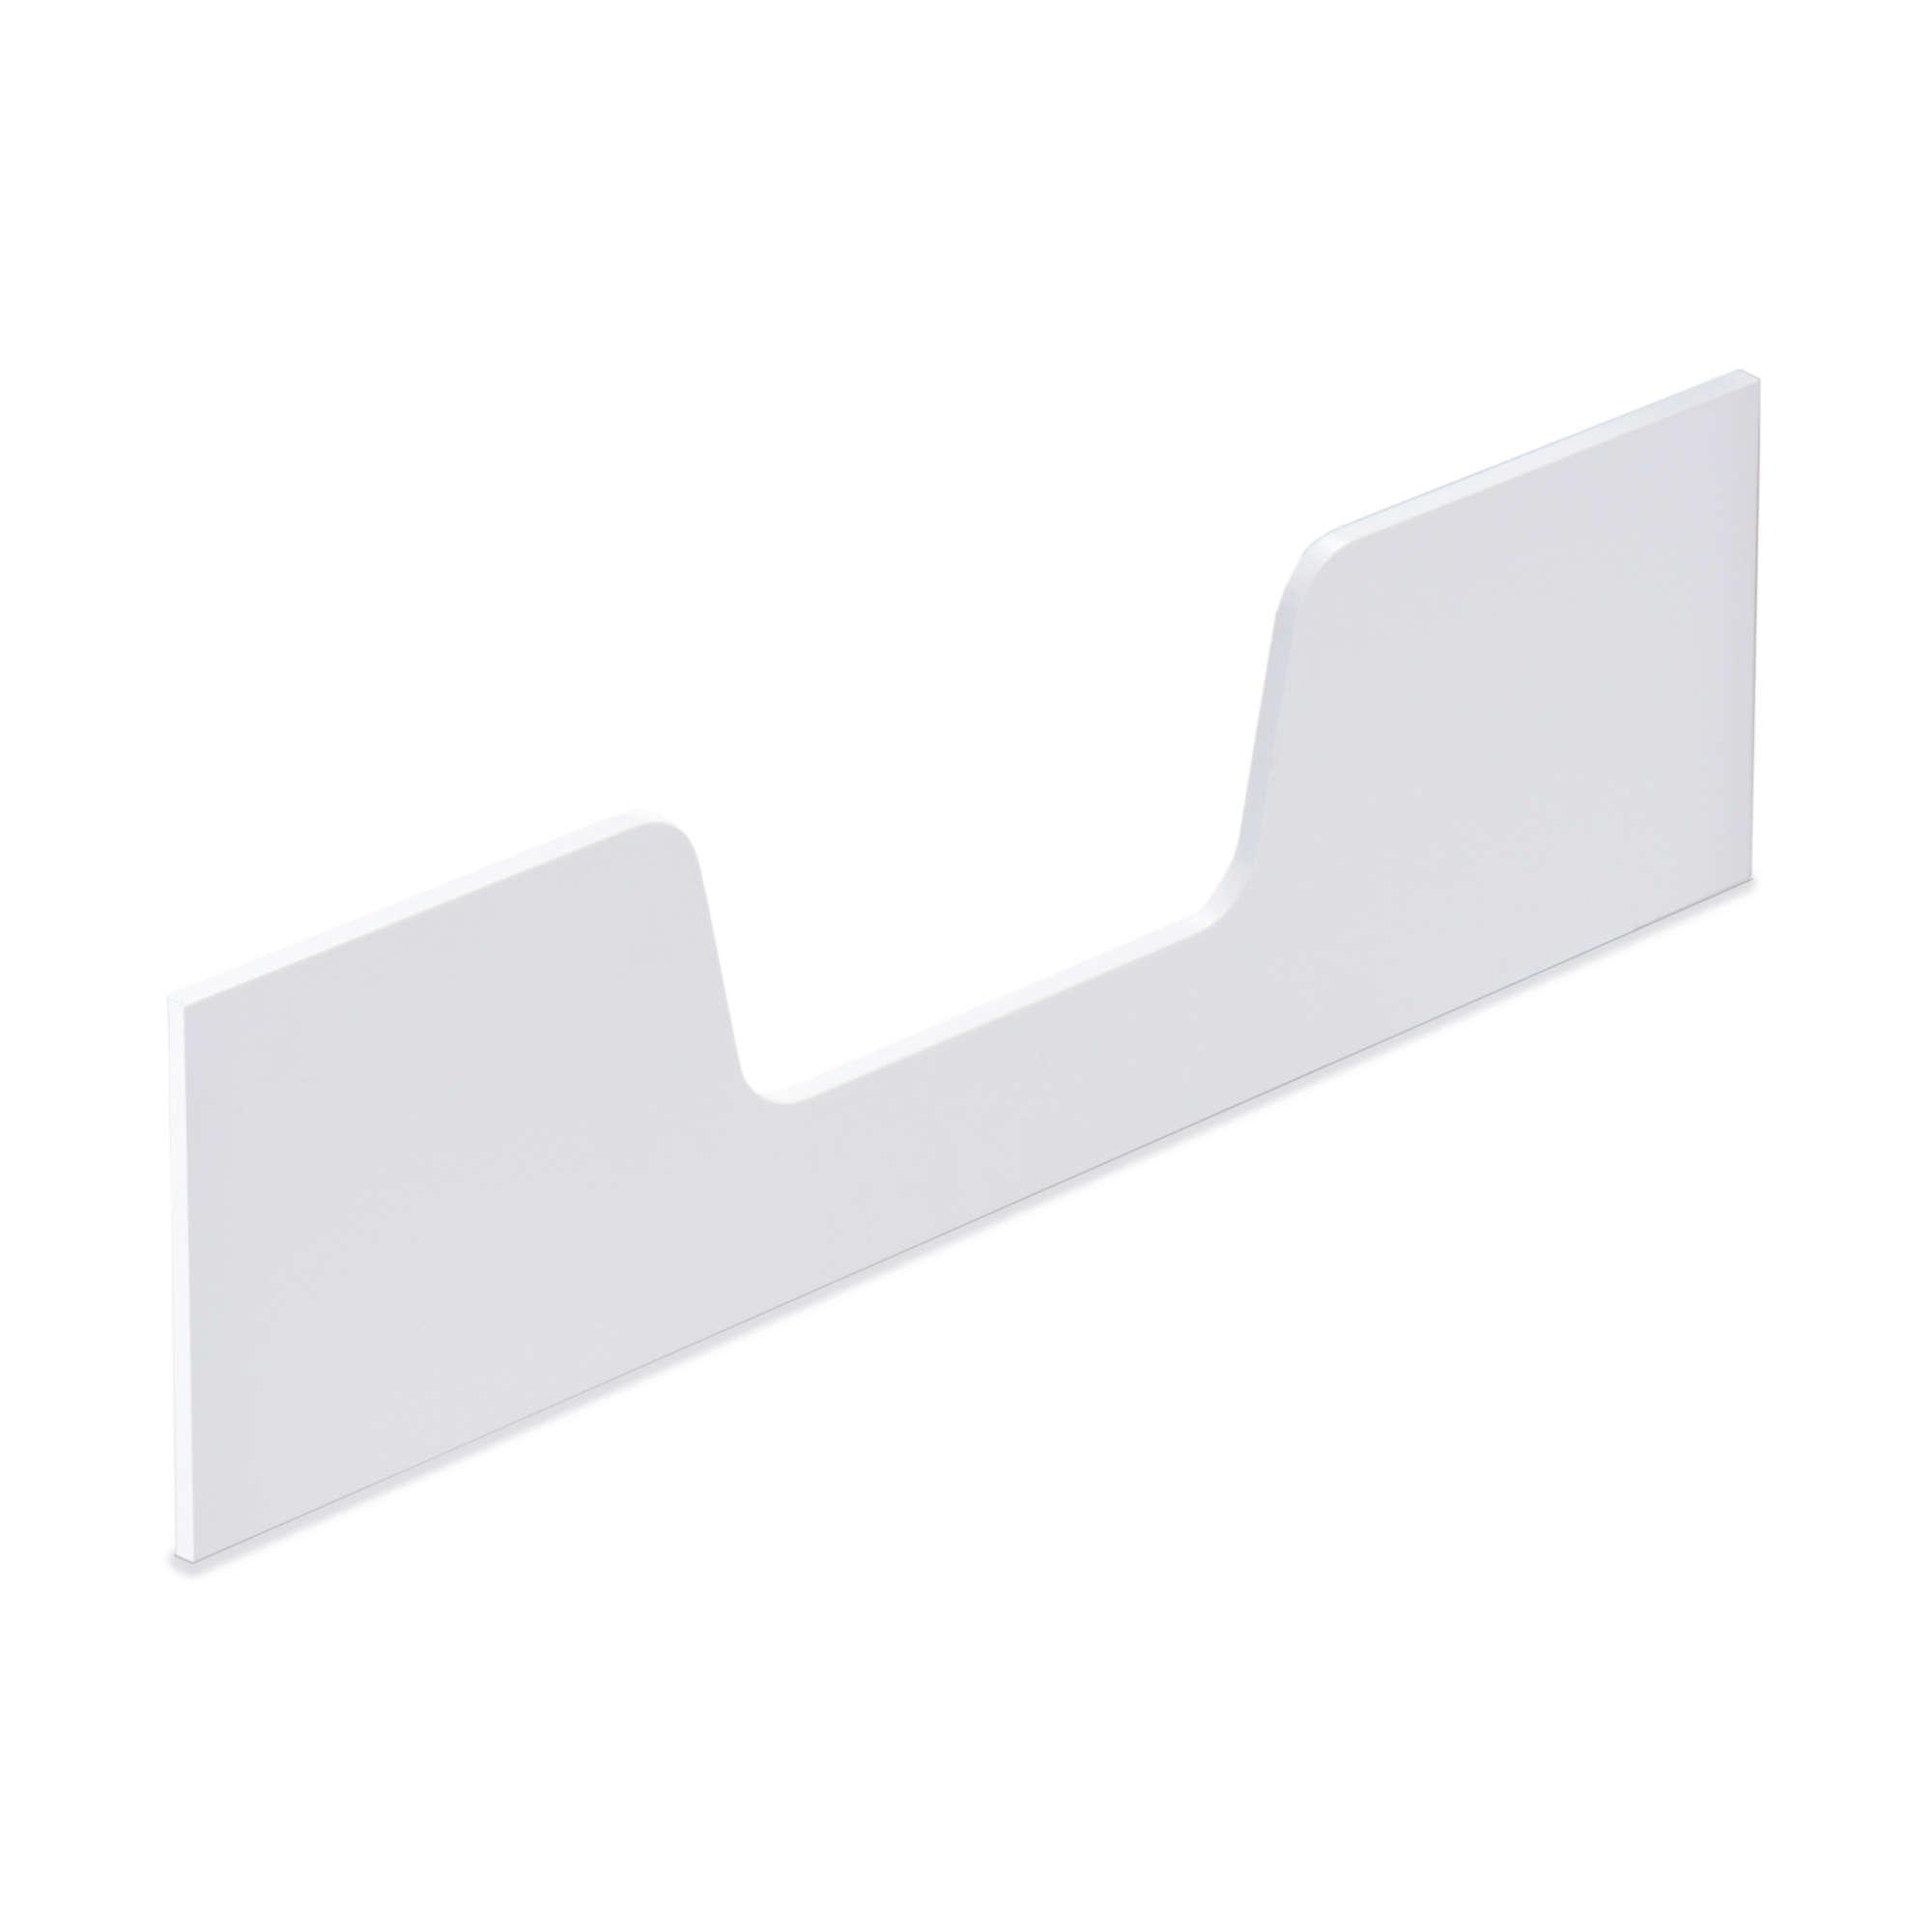 Barrera de protección para cuna 60x120cm